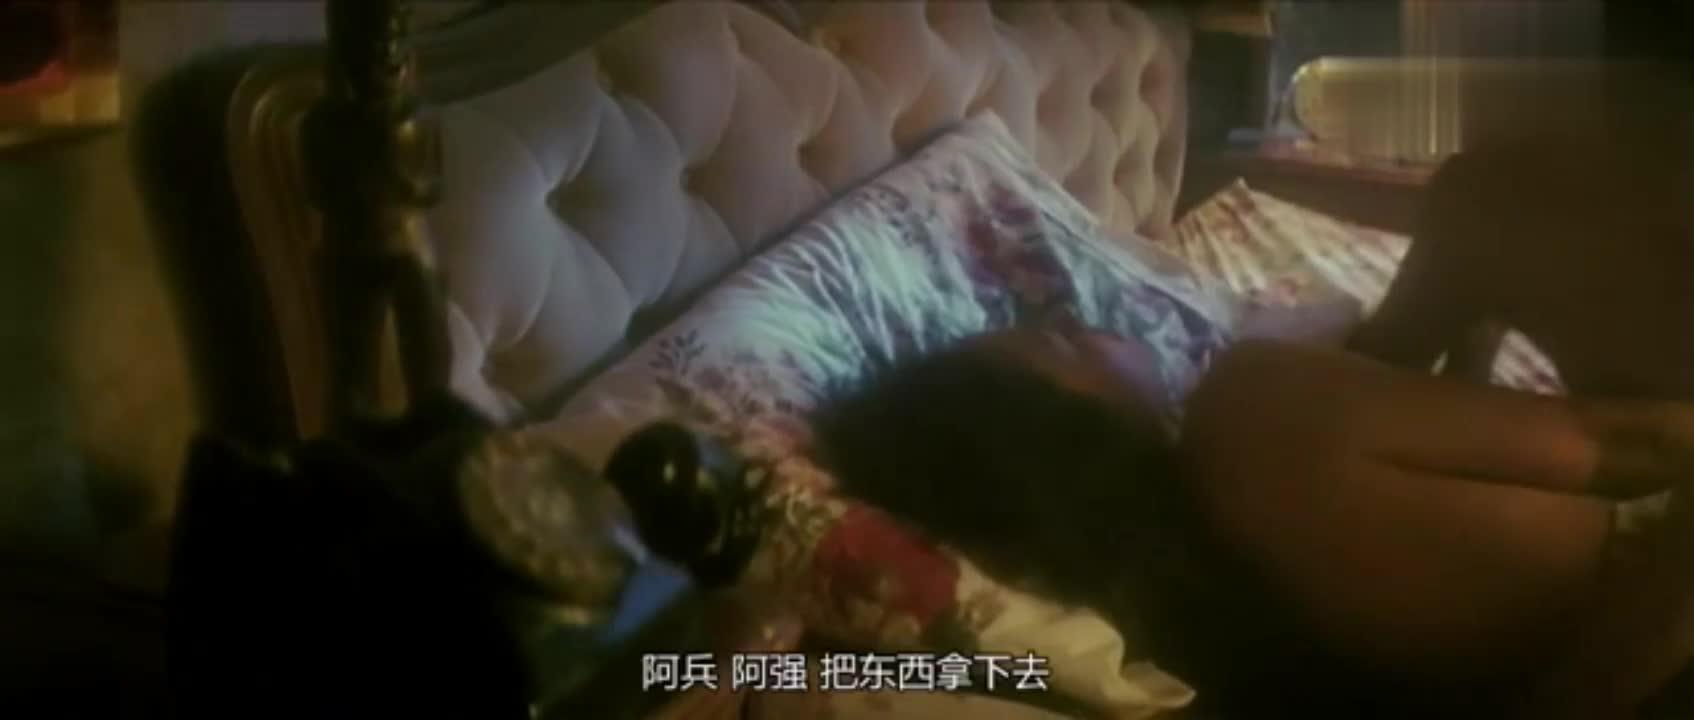 电影吻戏床戏大全最火美女叶子楣美女激情跛豪-a电影美女v电影-包.漂亮梦见视频图片